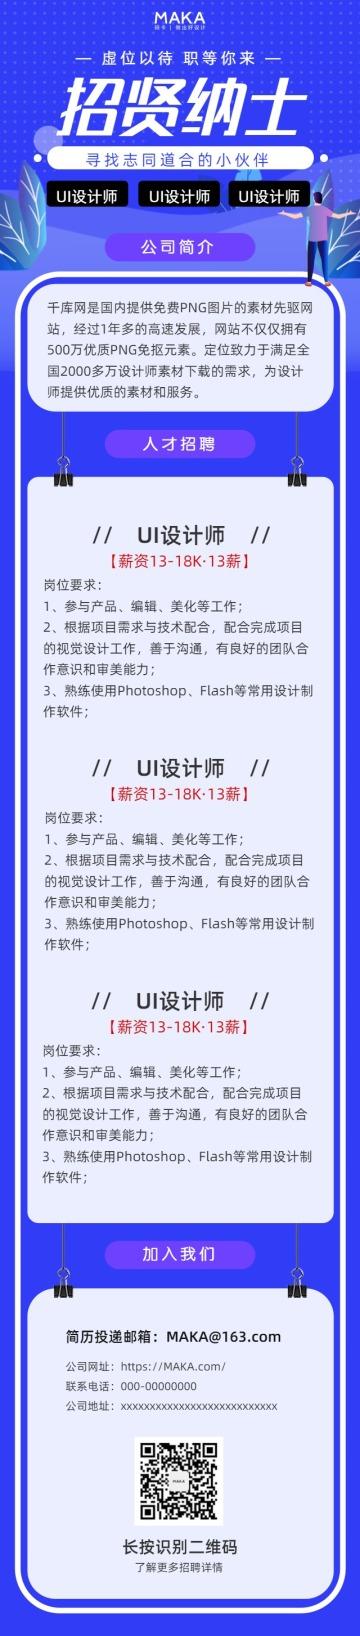 蓝色简约招贤纳士企业招聘宣传长页H5